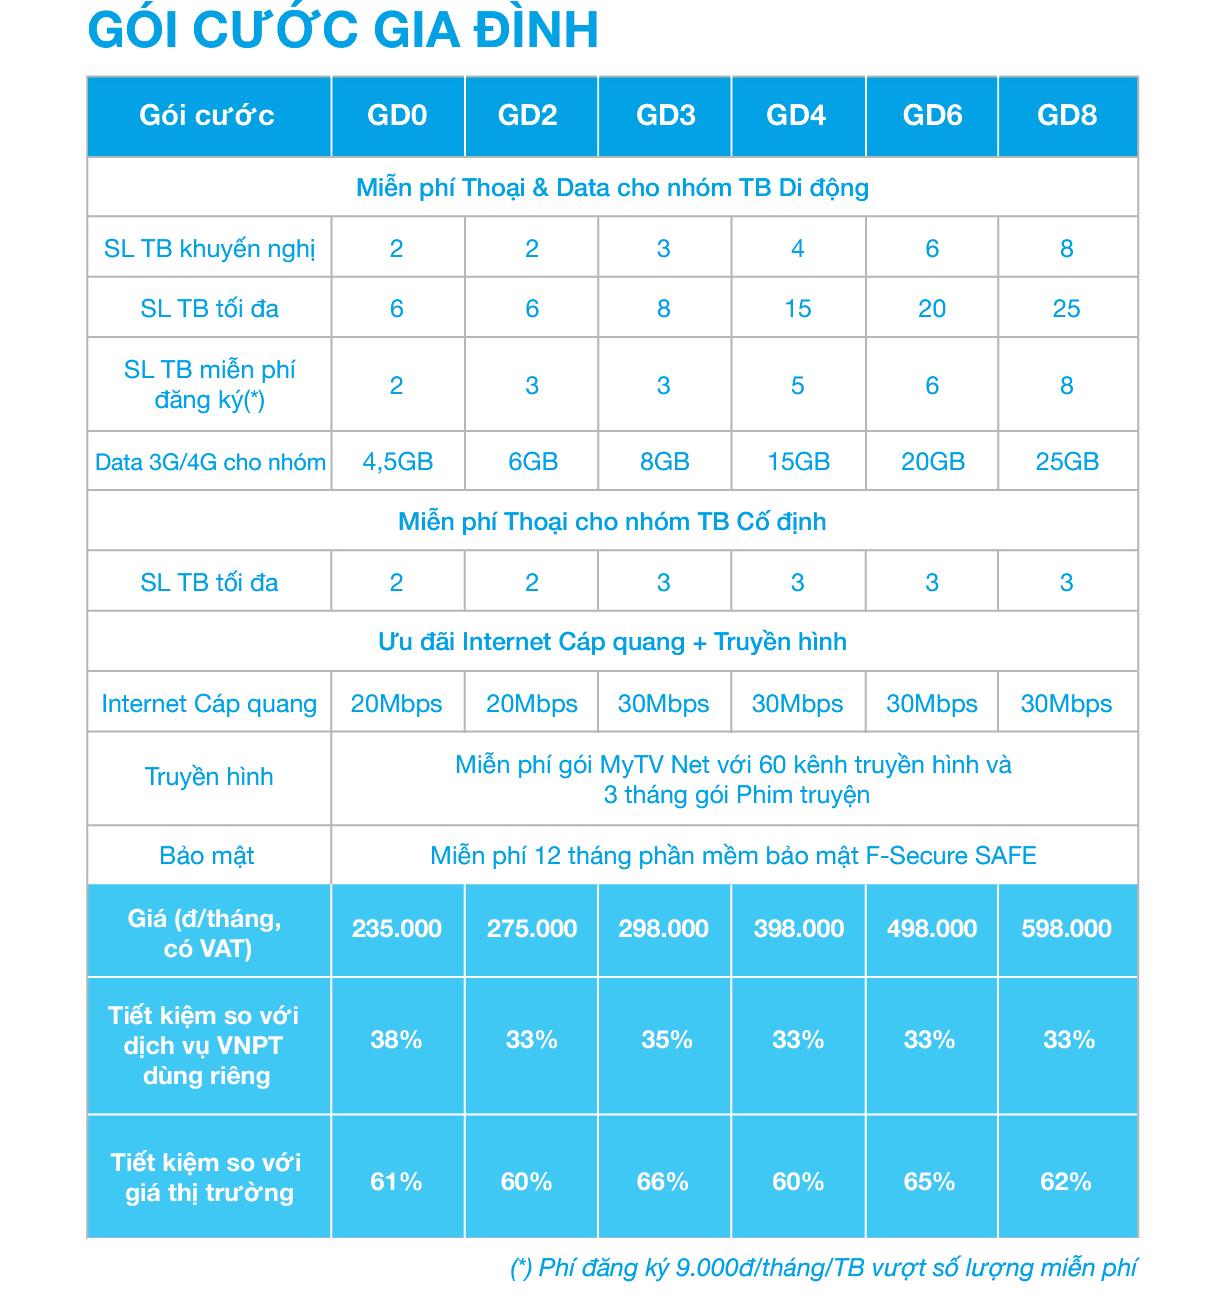 Bảng sản phẩm dịch vụ và giá cước của gói Gia Đình.